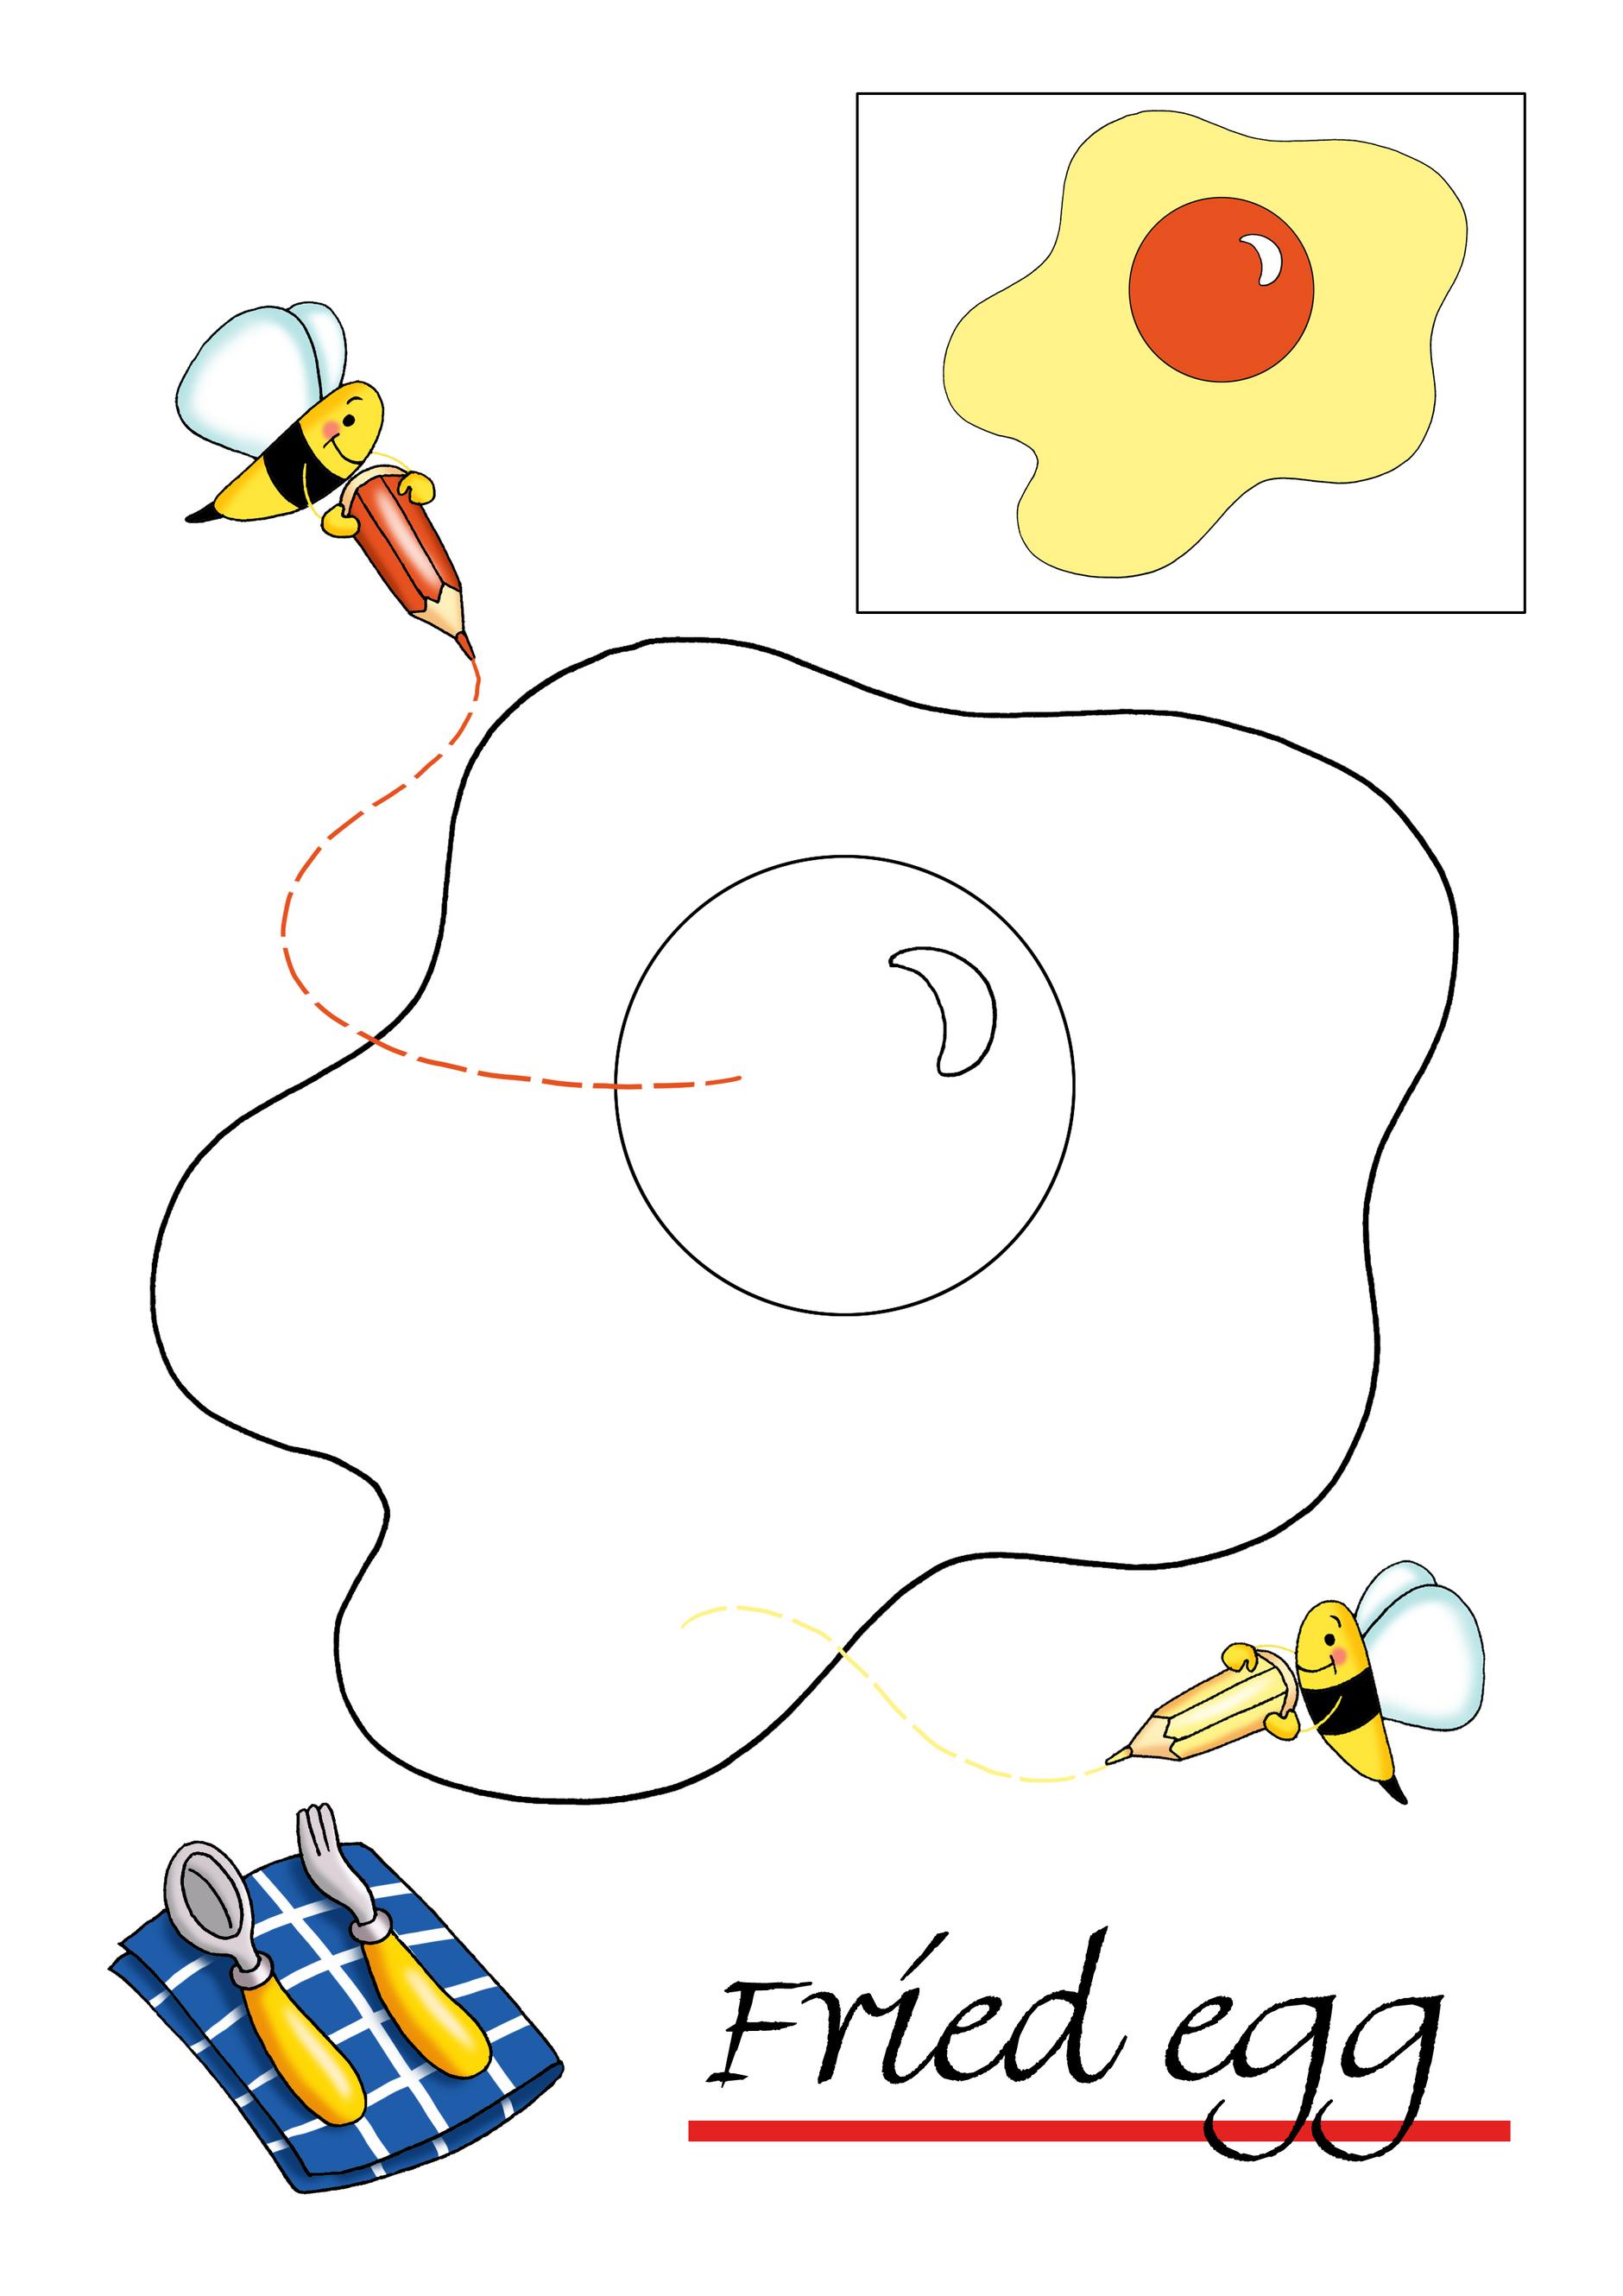 Sfatulparintilor.ro, planse de colorat, ou prajit